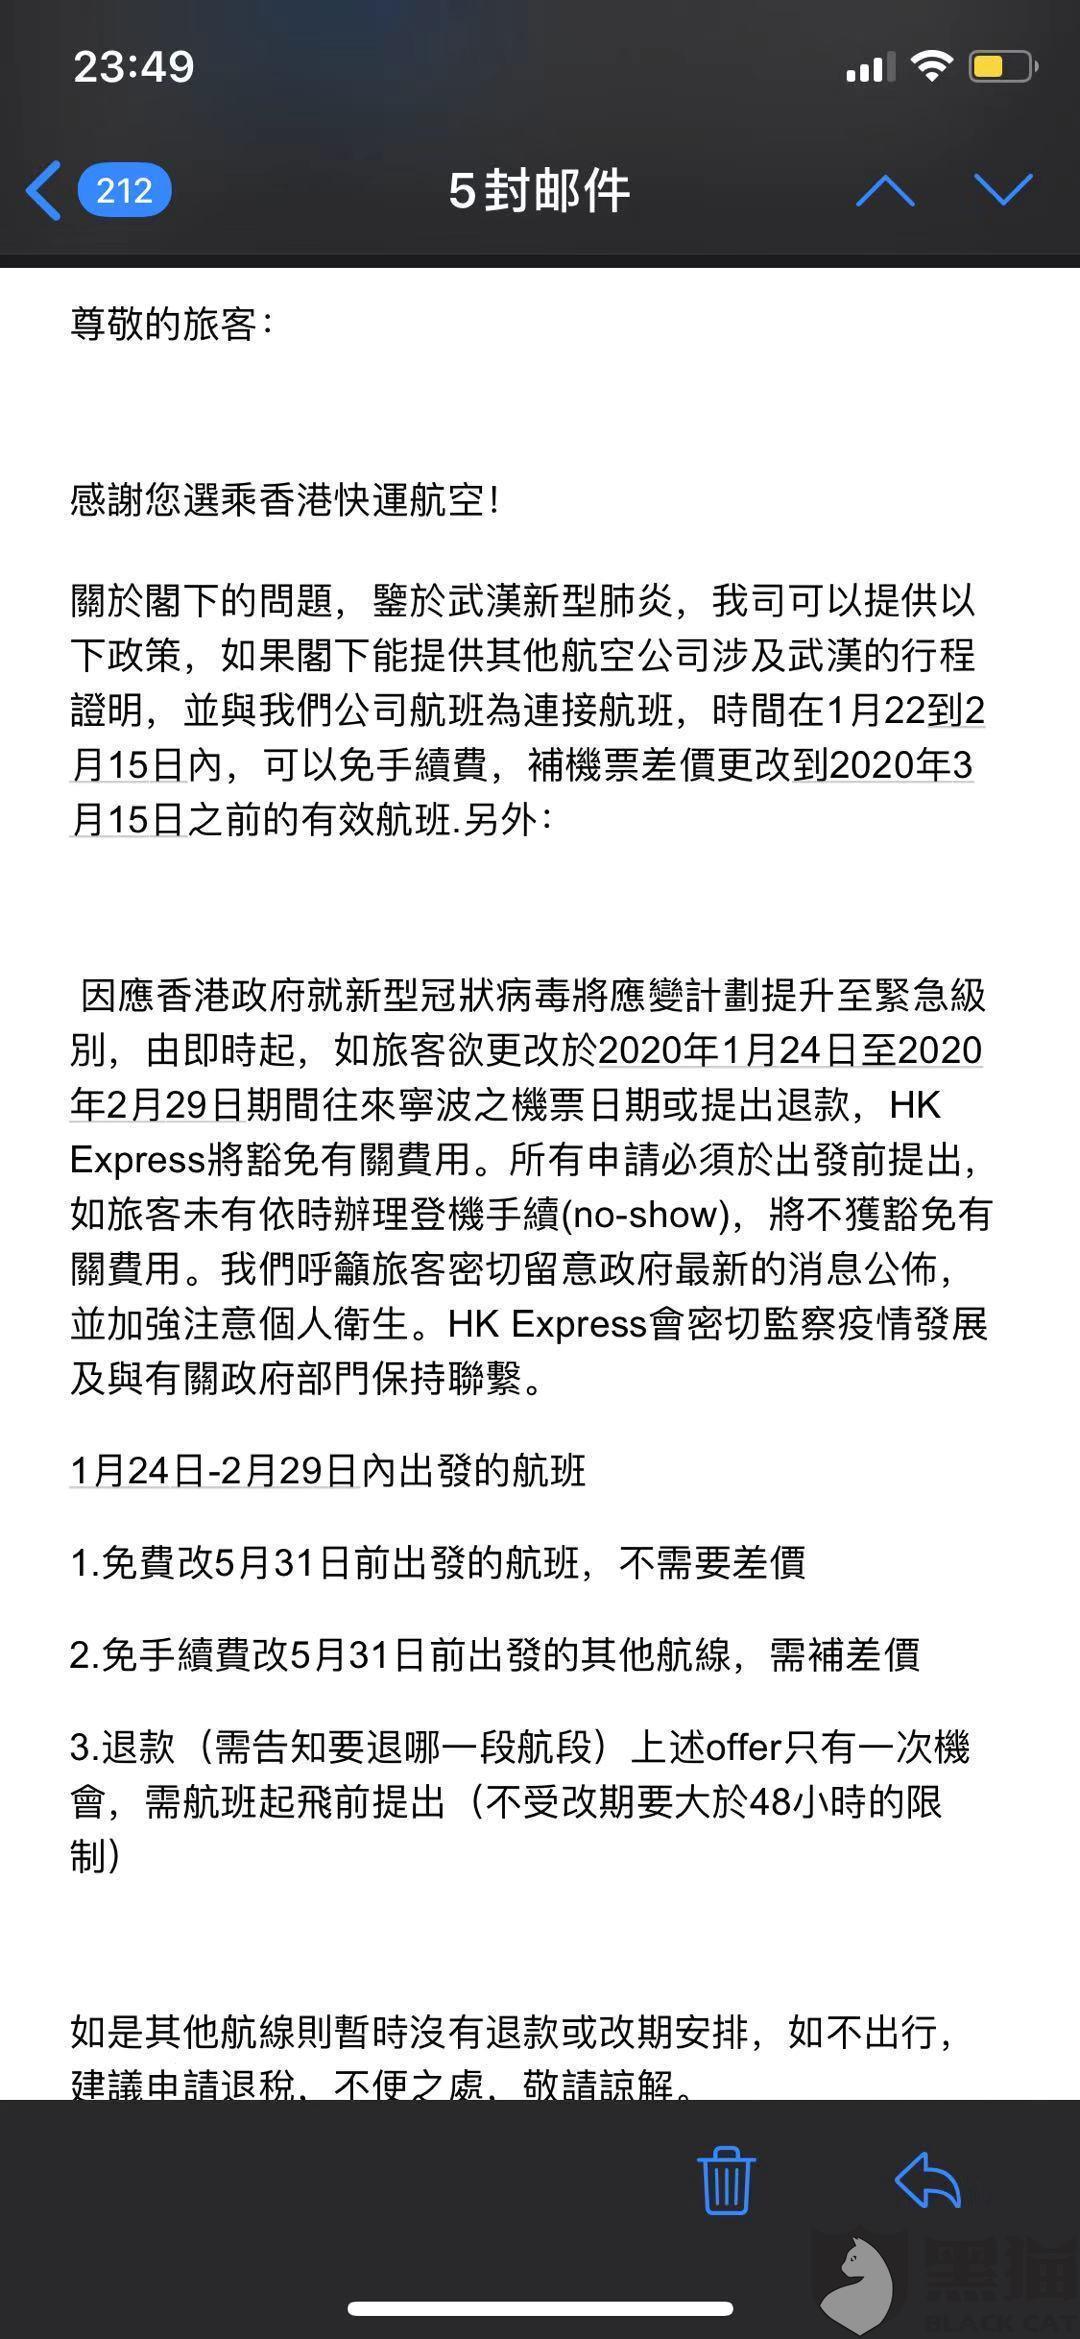 黑猫投诉:民航局因新型冠状病毒要求各航司24日以后机票免费退款,香港快运到今天仍旧不执行